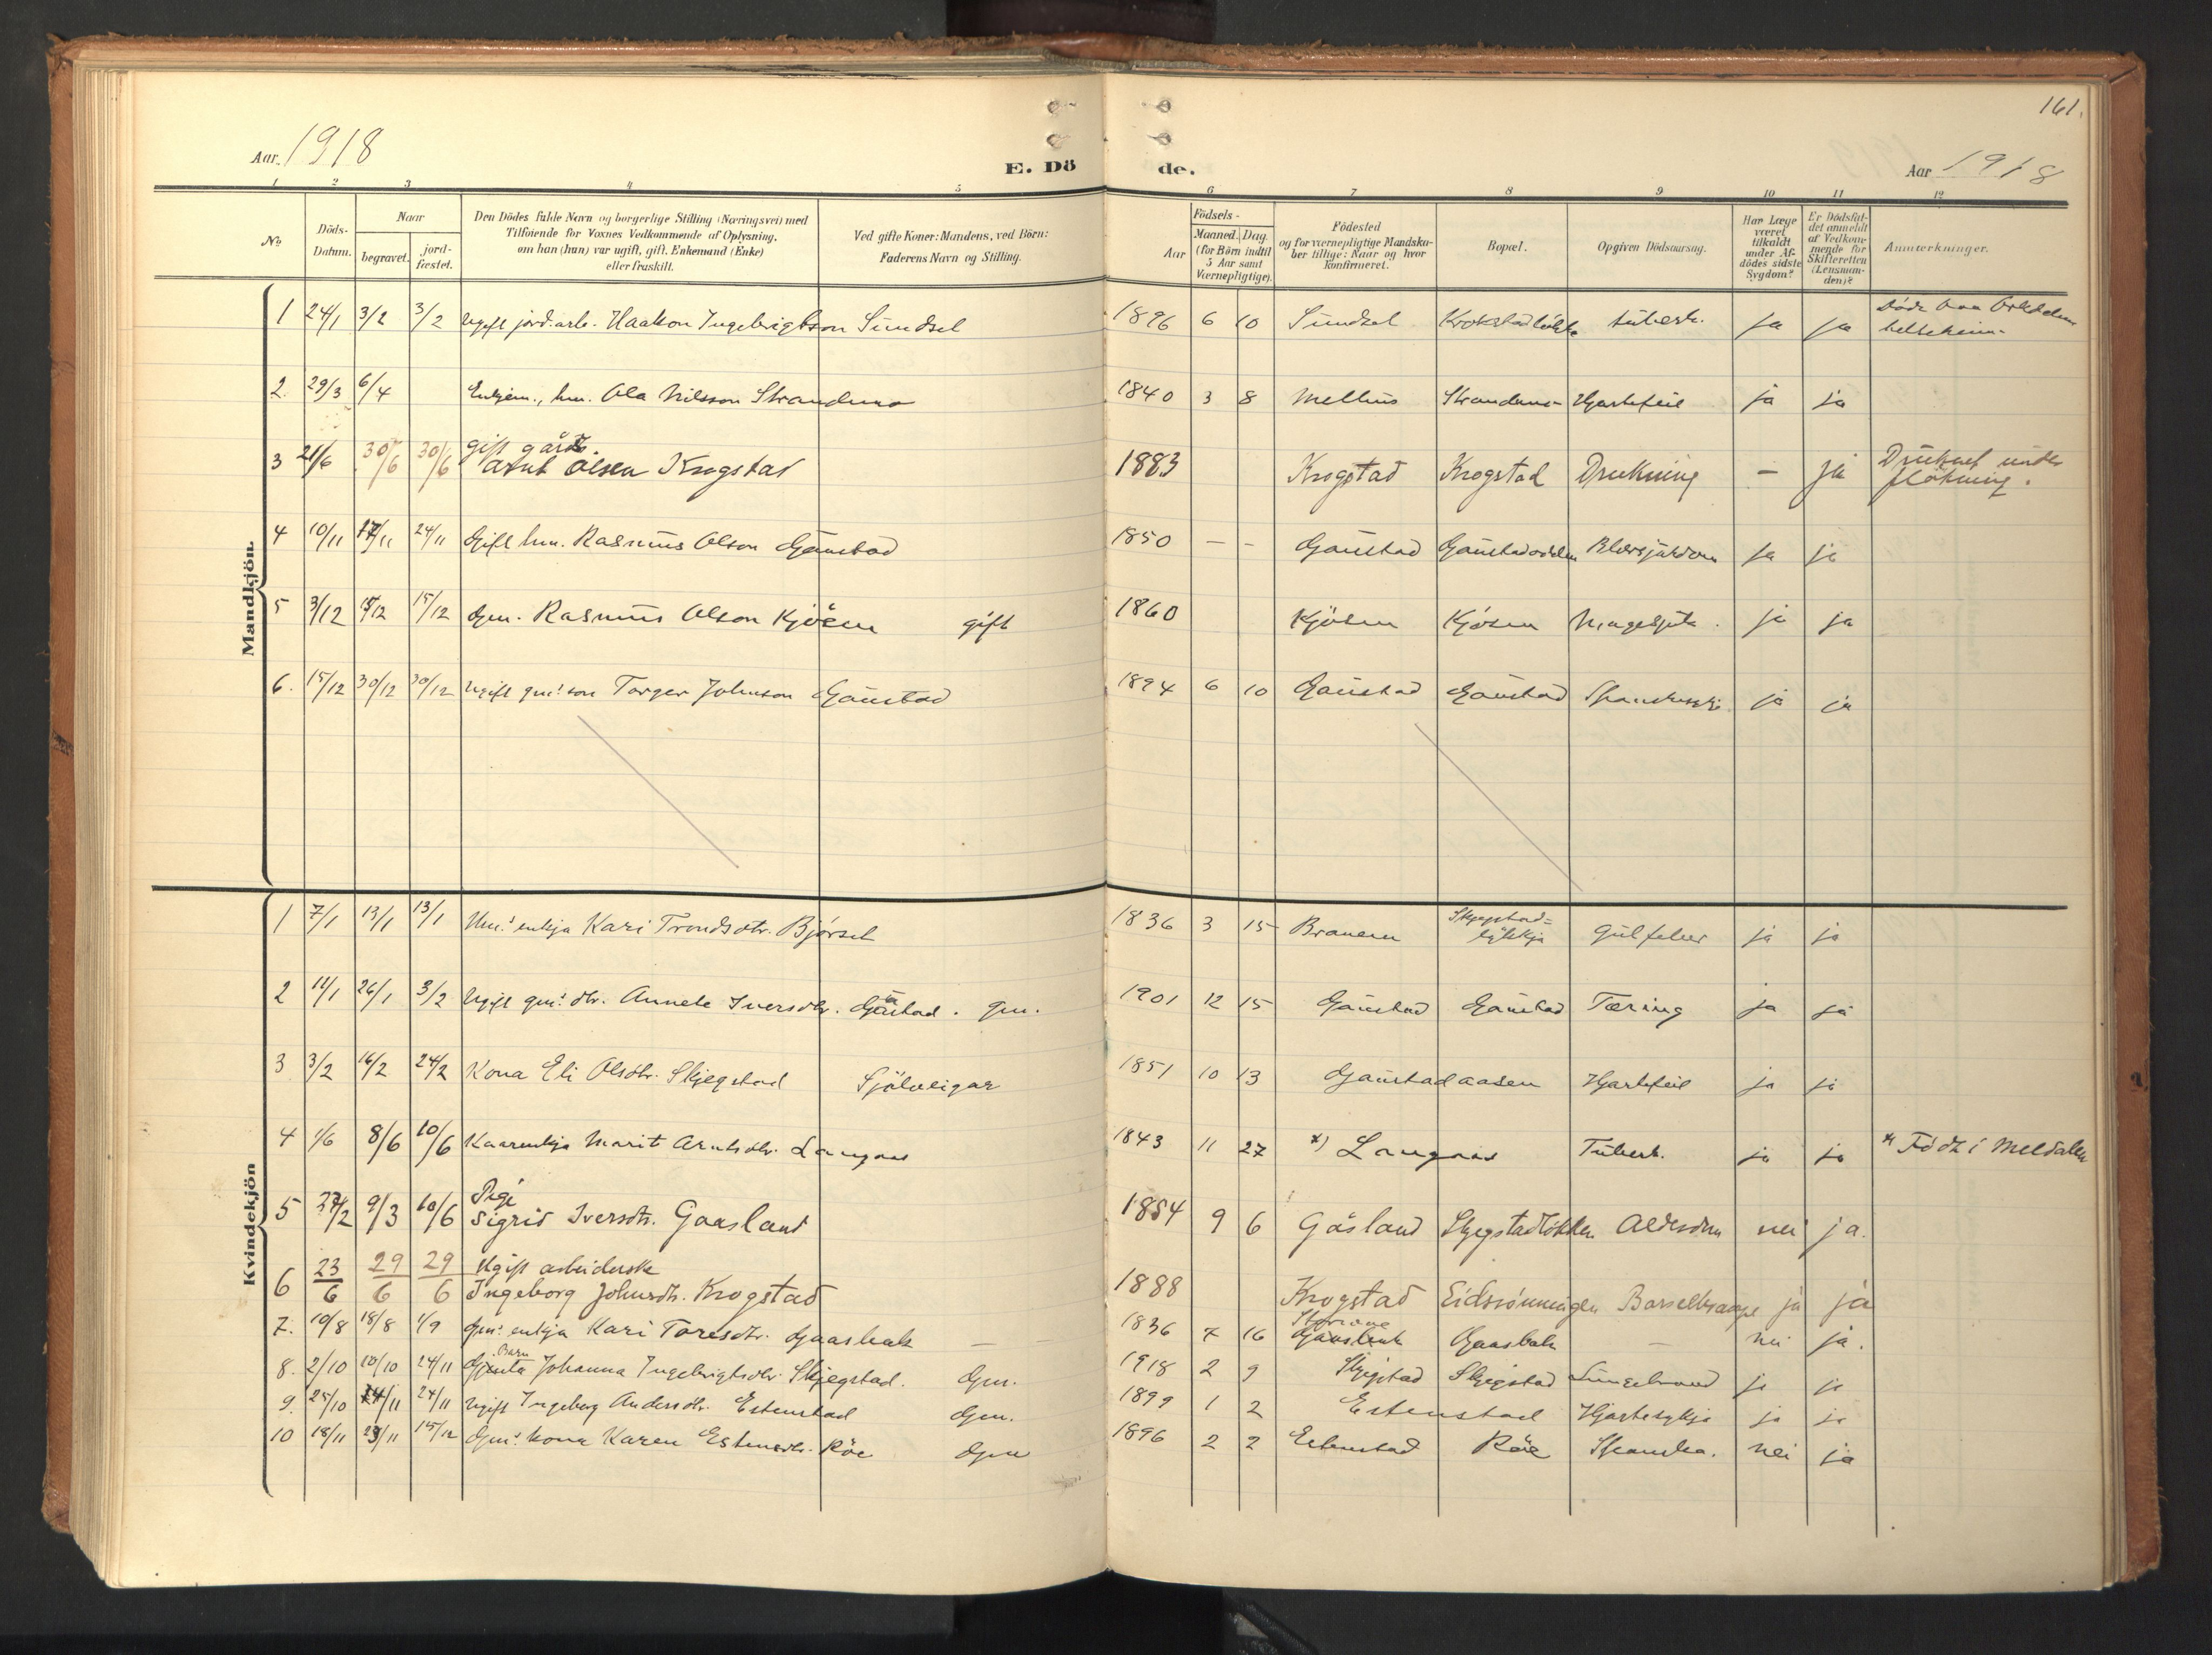 SAT, Ministerialprotokoller, klokkerbøker og fødselsregistre - Sør-Trøndelag, 694/L1128: Ministerialbok nr. 694A02, 1906-1931, s. 161